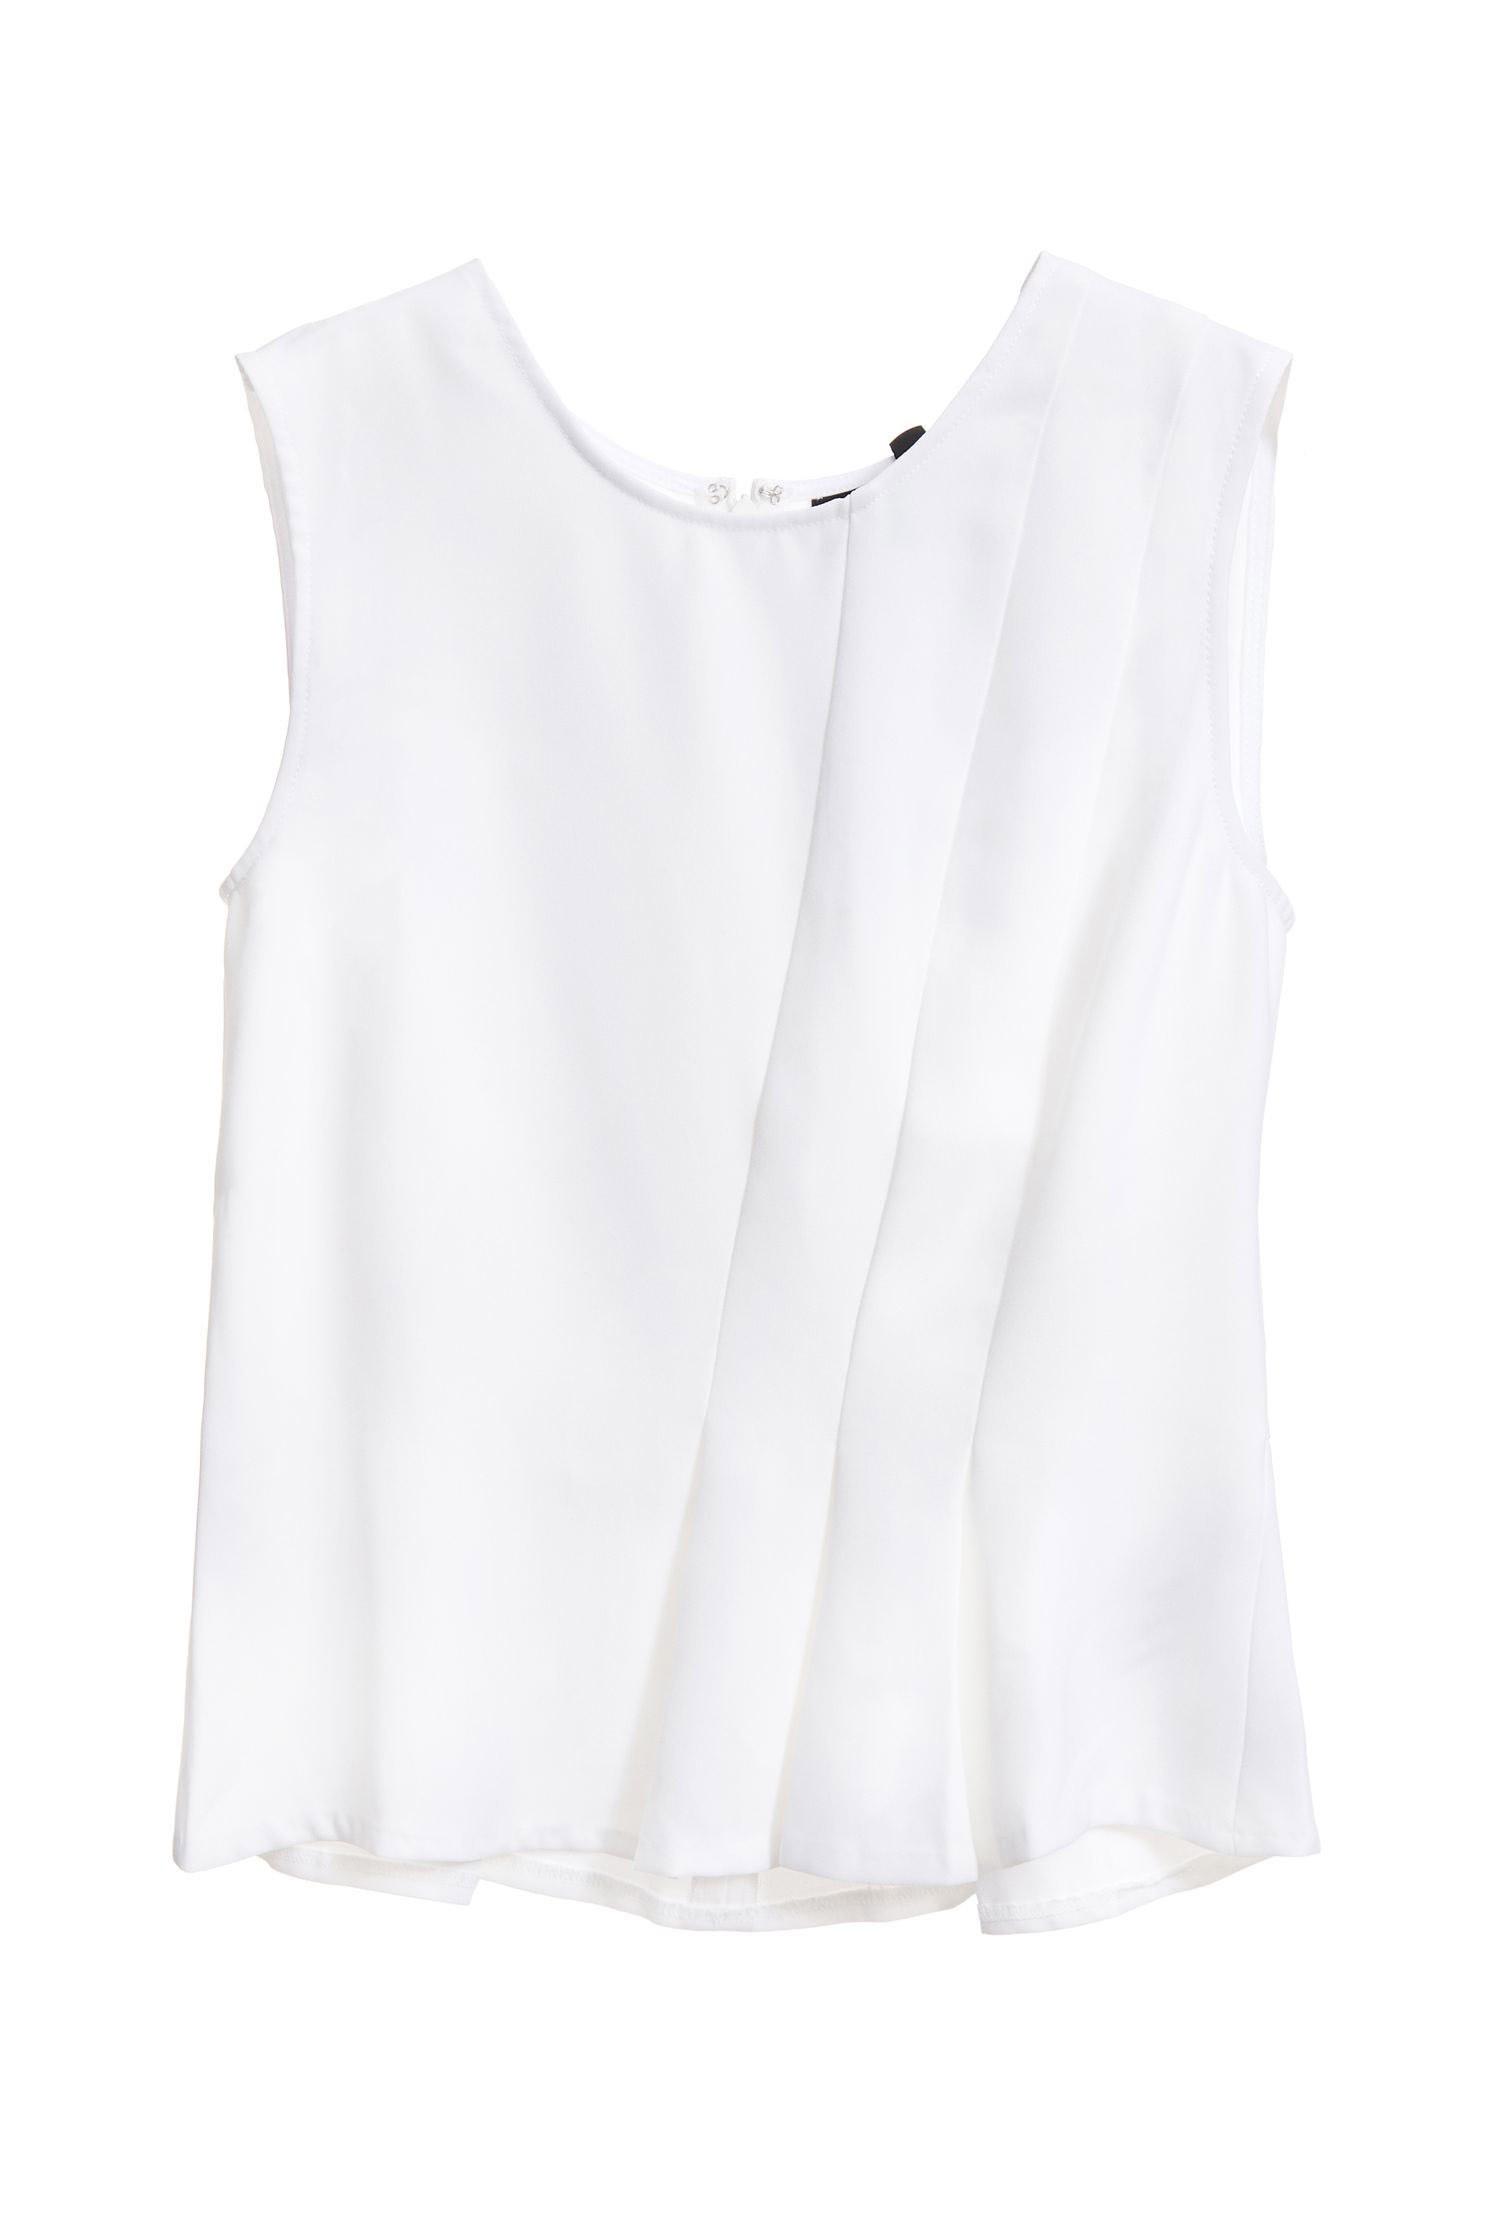 Recommend! Sleek cut vest top